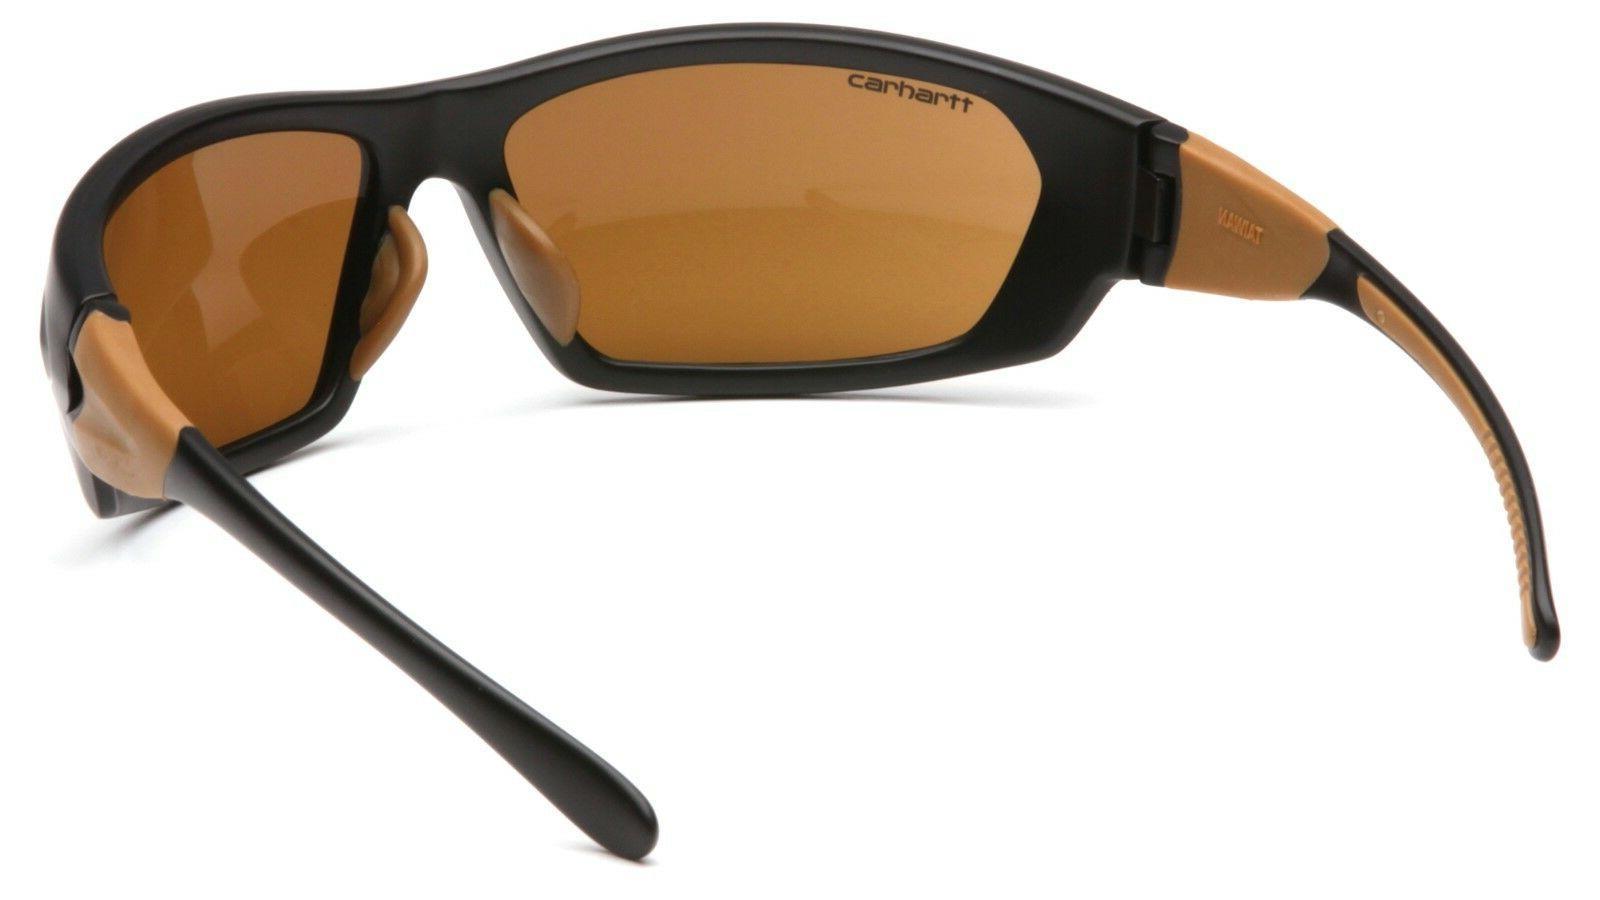 Carhartt Carbondale Black Frames and Lens